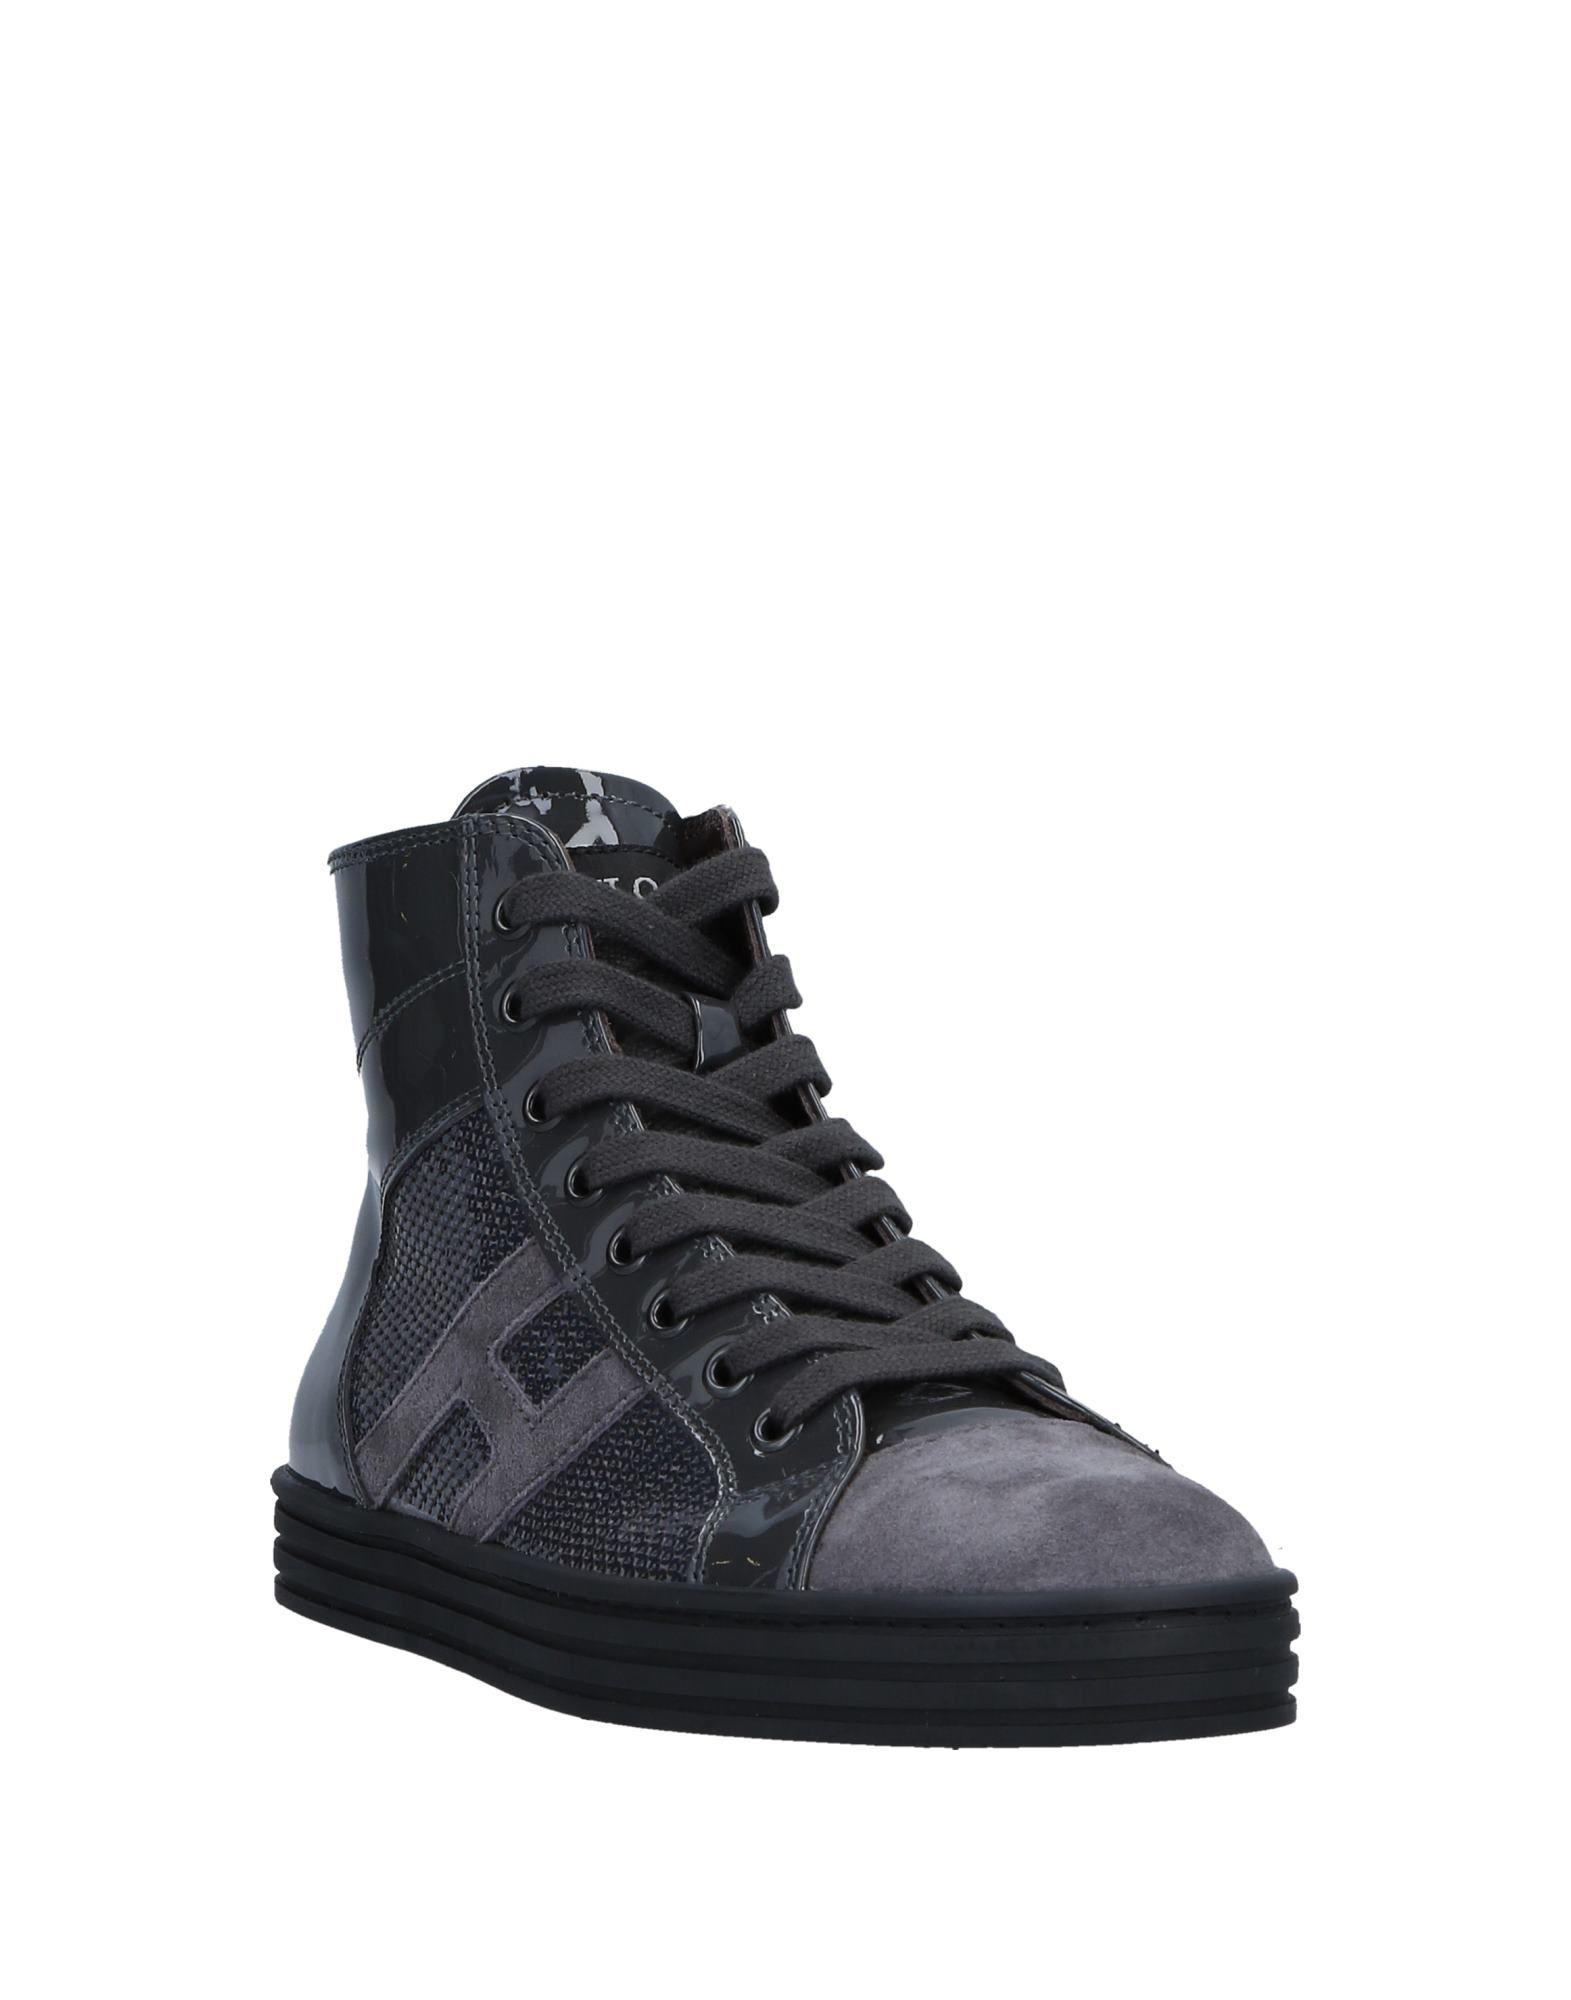 Hogan Rebel Sneakers Damen Schuhe  11539782XIGut aussehende strapazierfähige Schuhe Damen 0b1e55